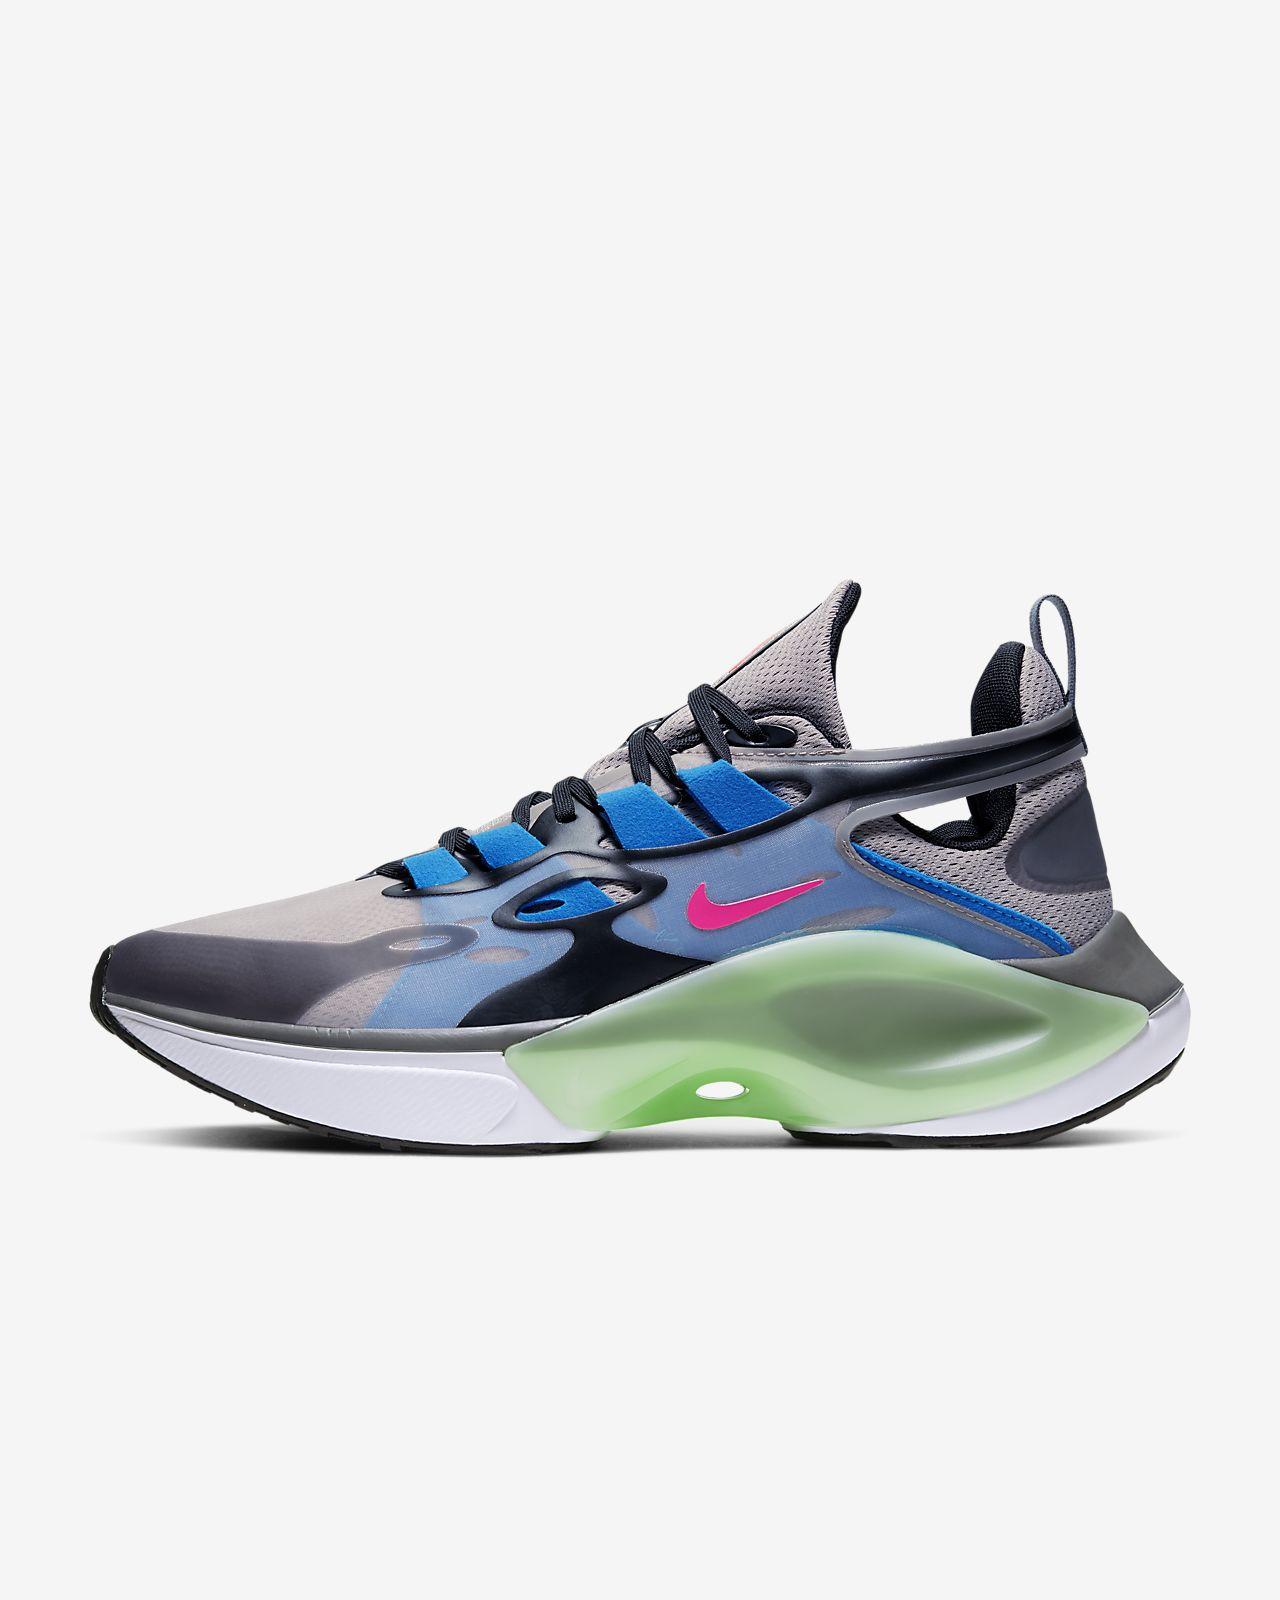 Nike Signal D/MS/X 男子运动鞋